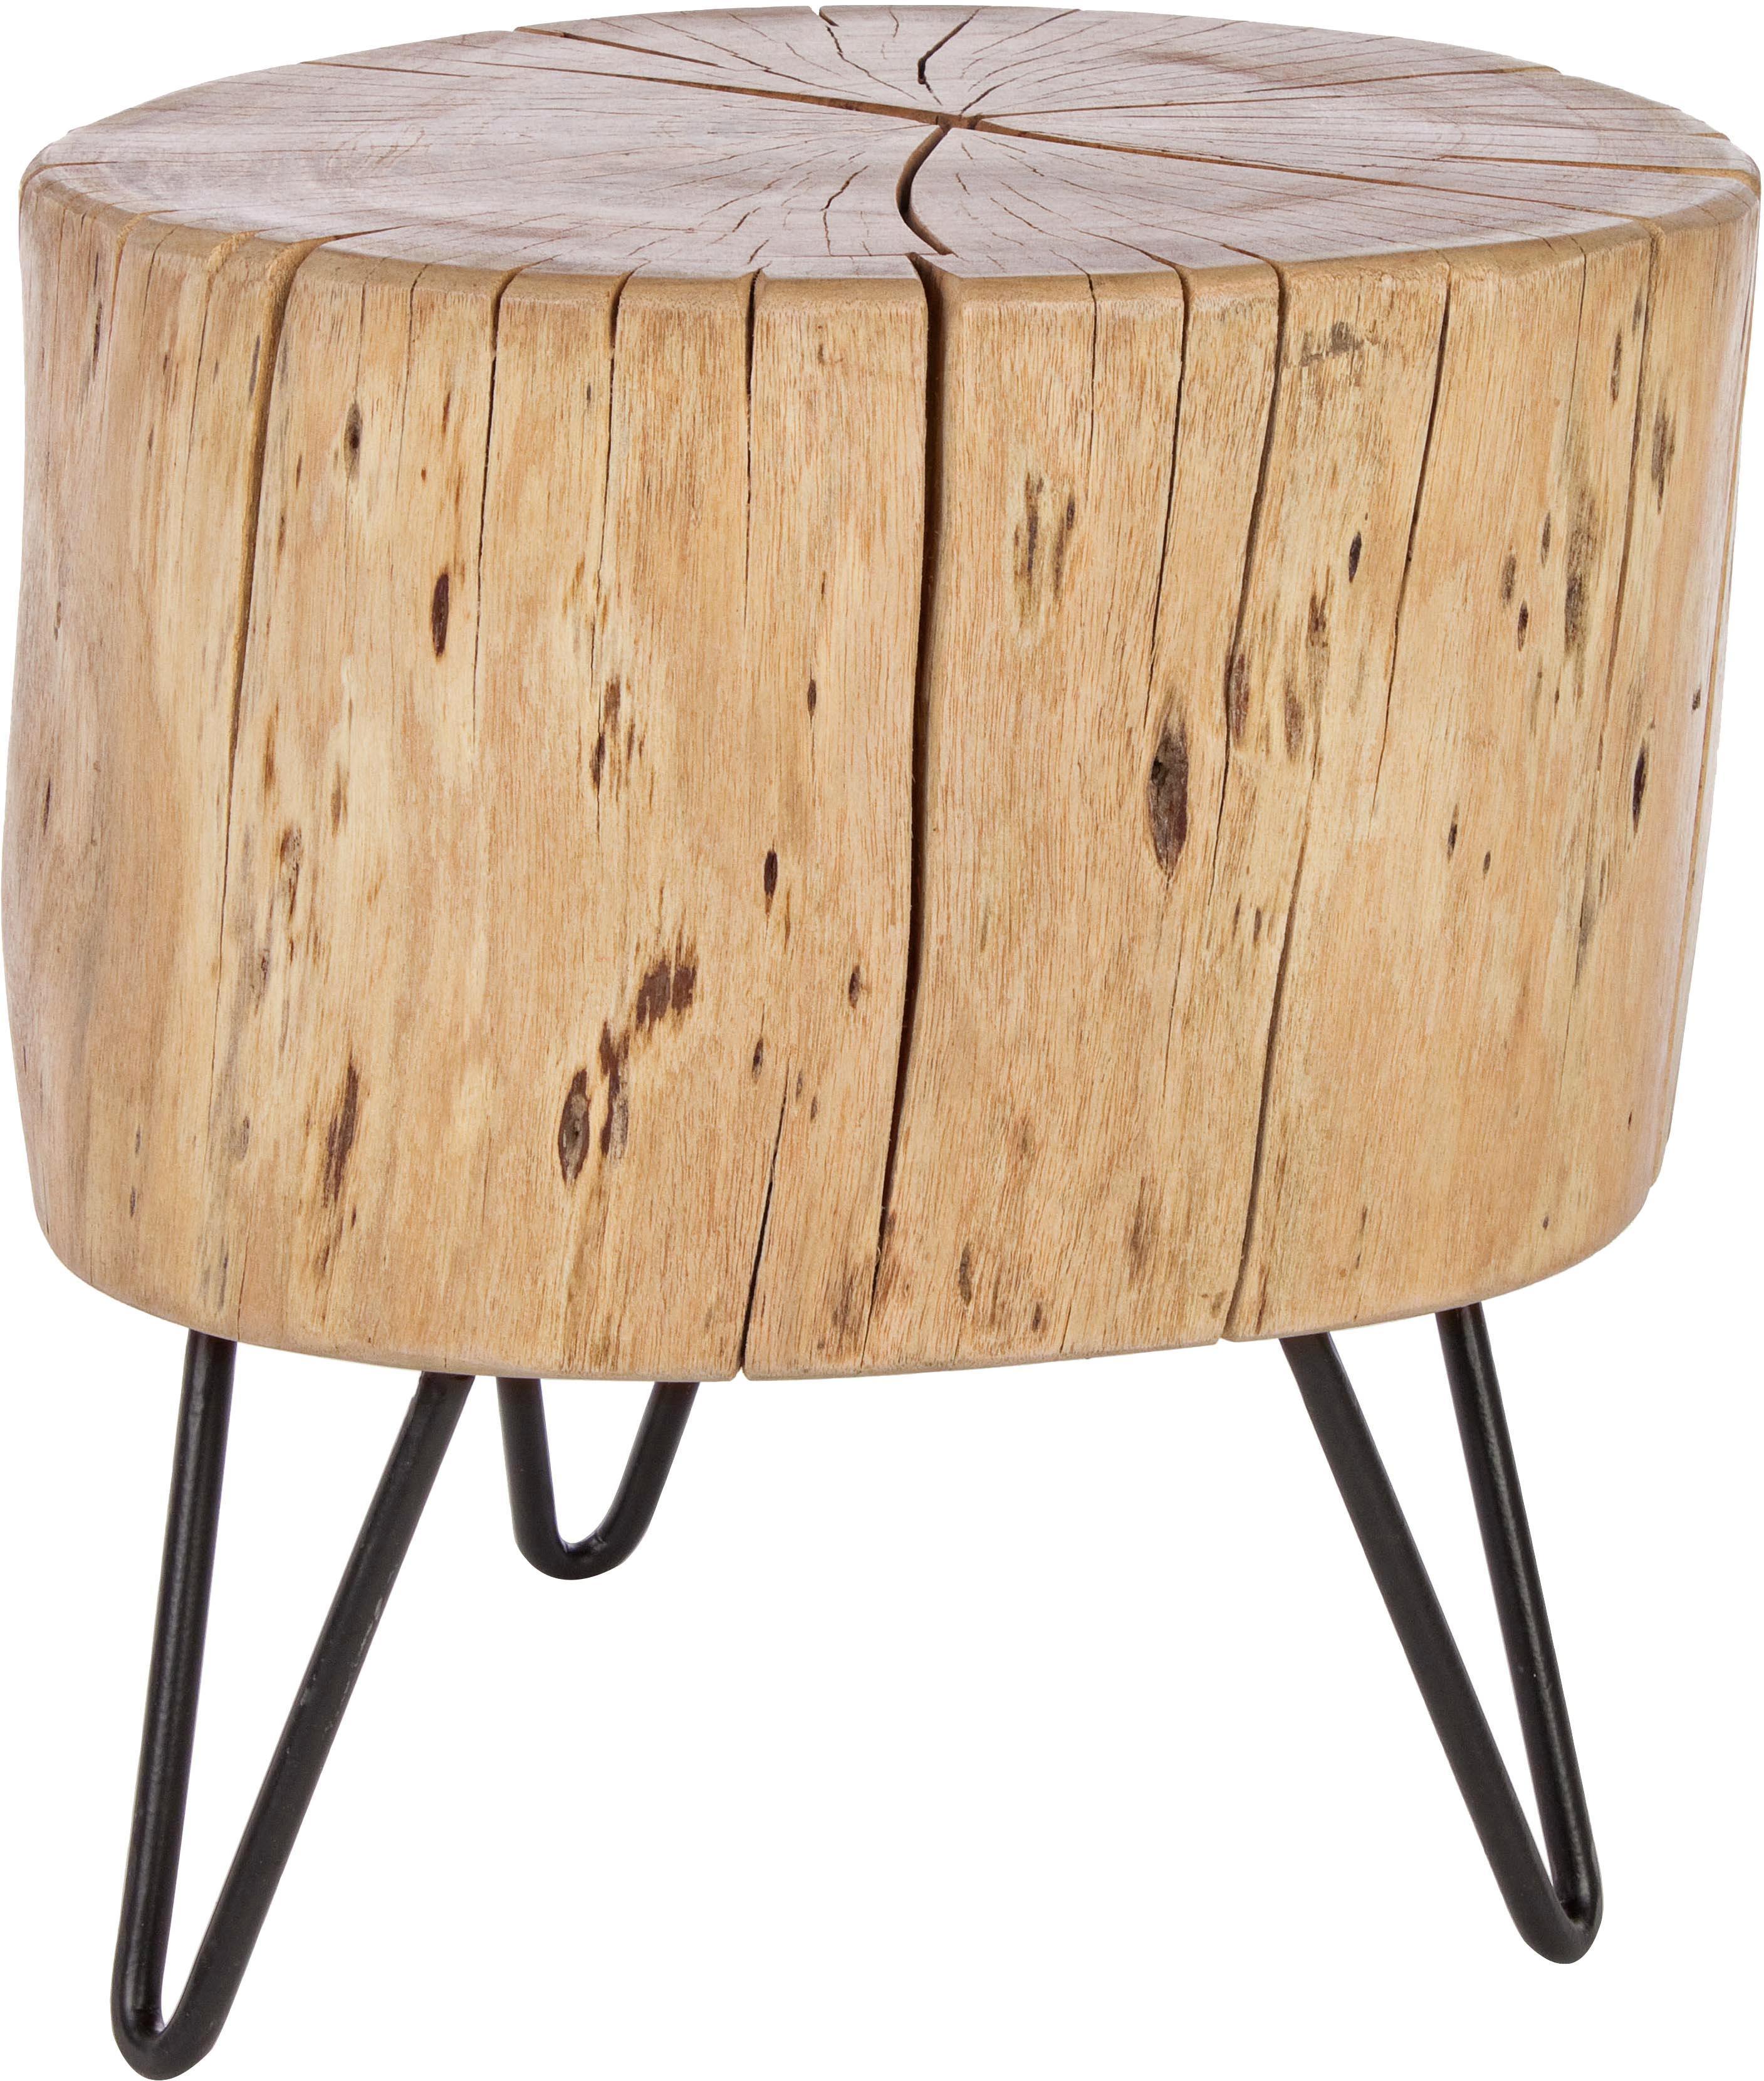 Bijzettafel Arthur van acaciahout, Tafelblad: acaciahout, Poten: metaal, Bruin, zwart, 35 x 35 cm